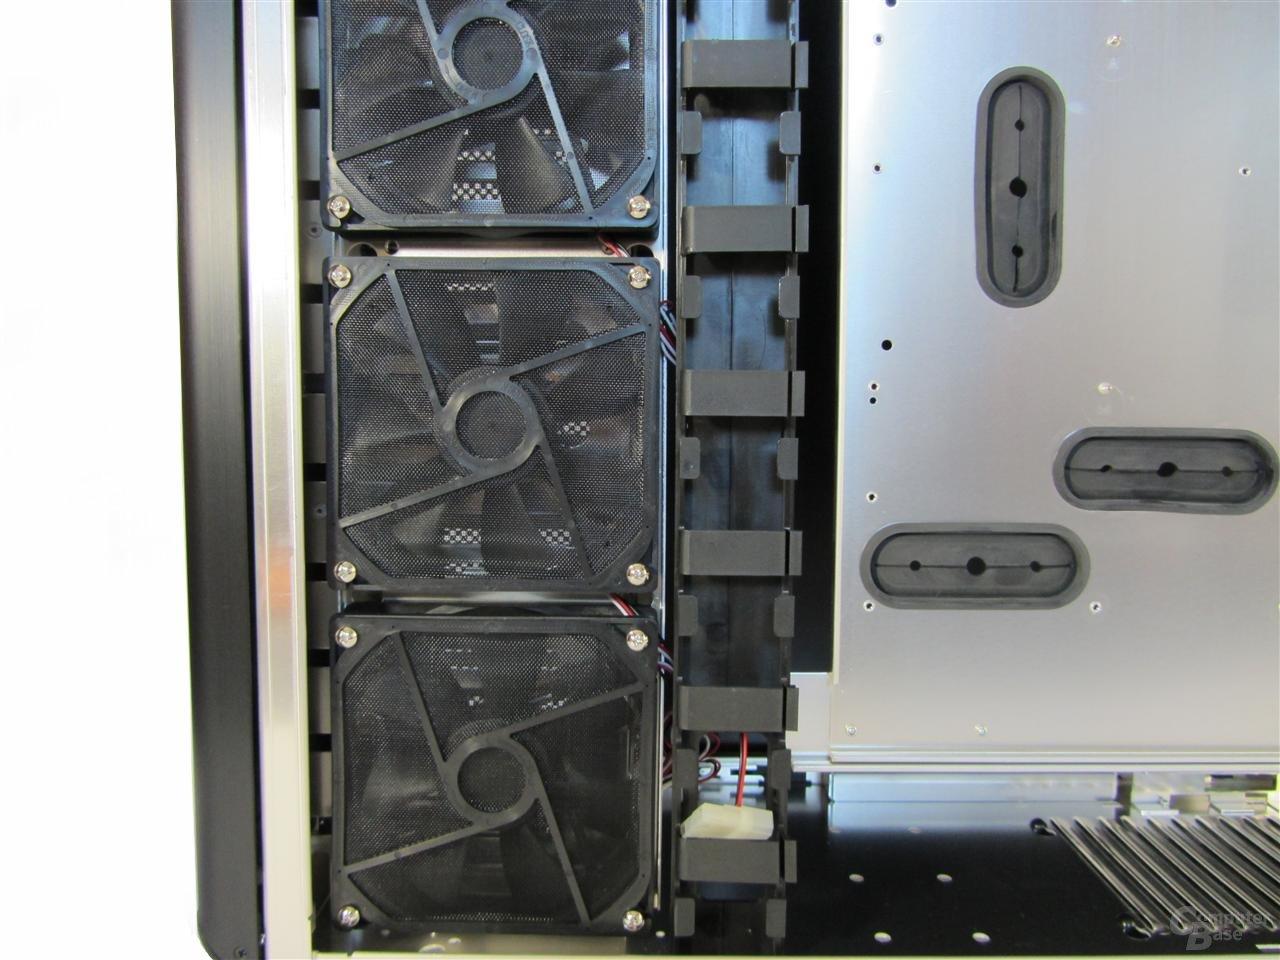 Lian Li Z70 – Lüfter für Kühlung der Festplatten und Kabelkanal